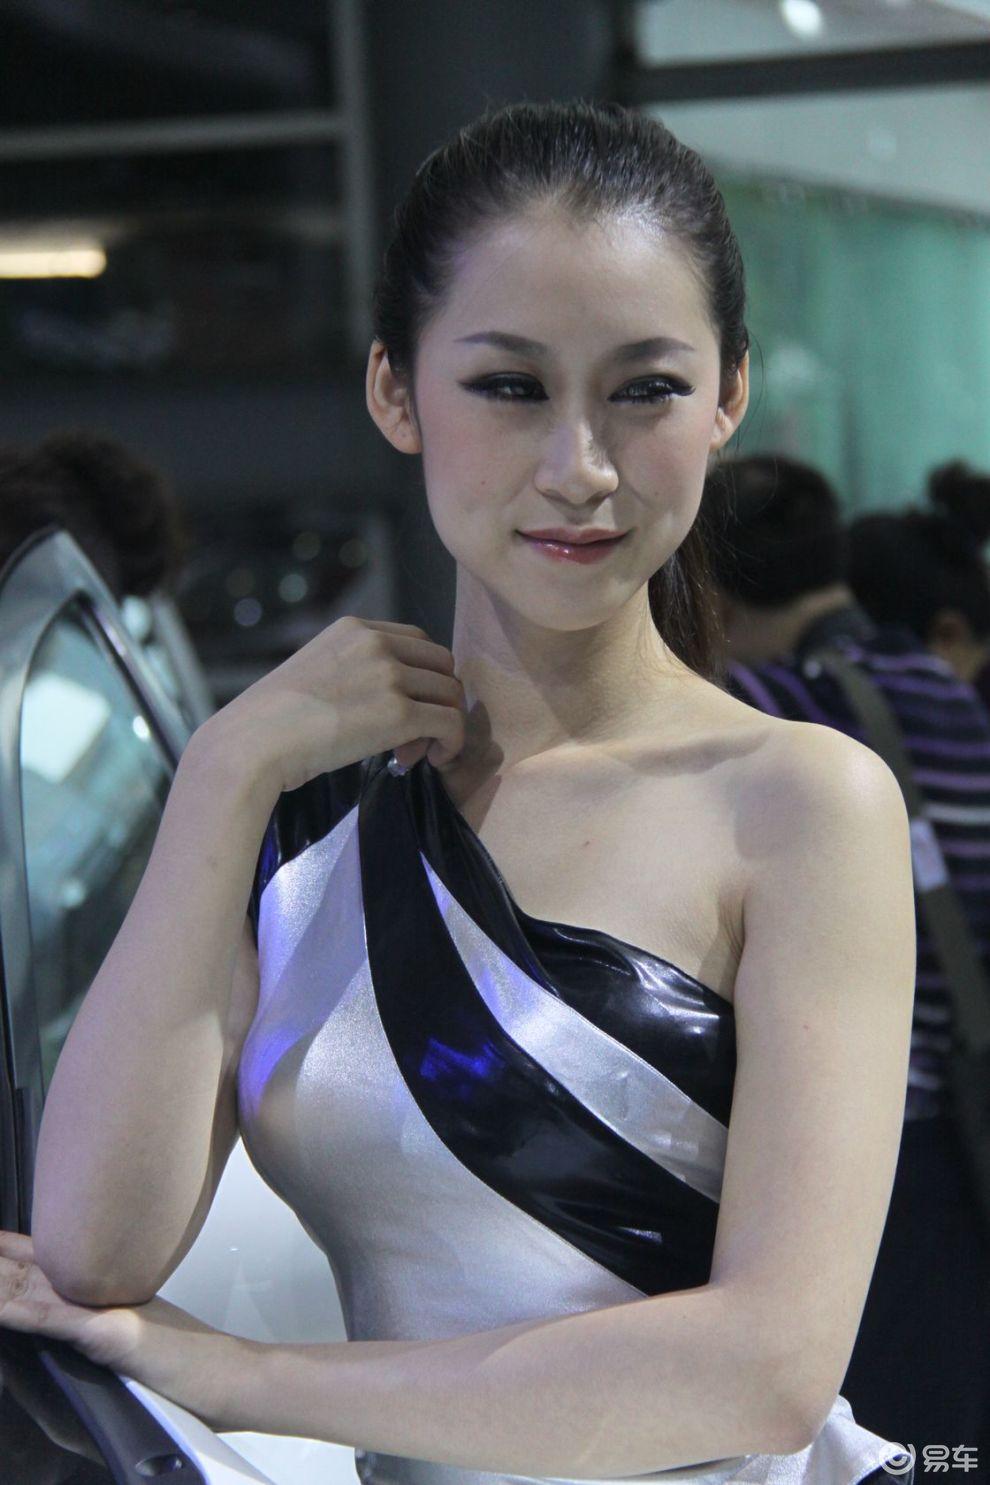 【骨感美女图片】 易车网bitautocom 竖